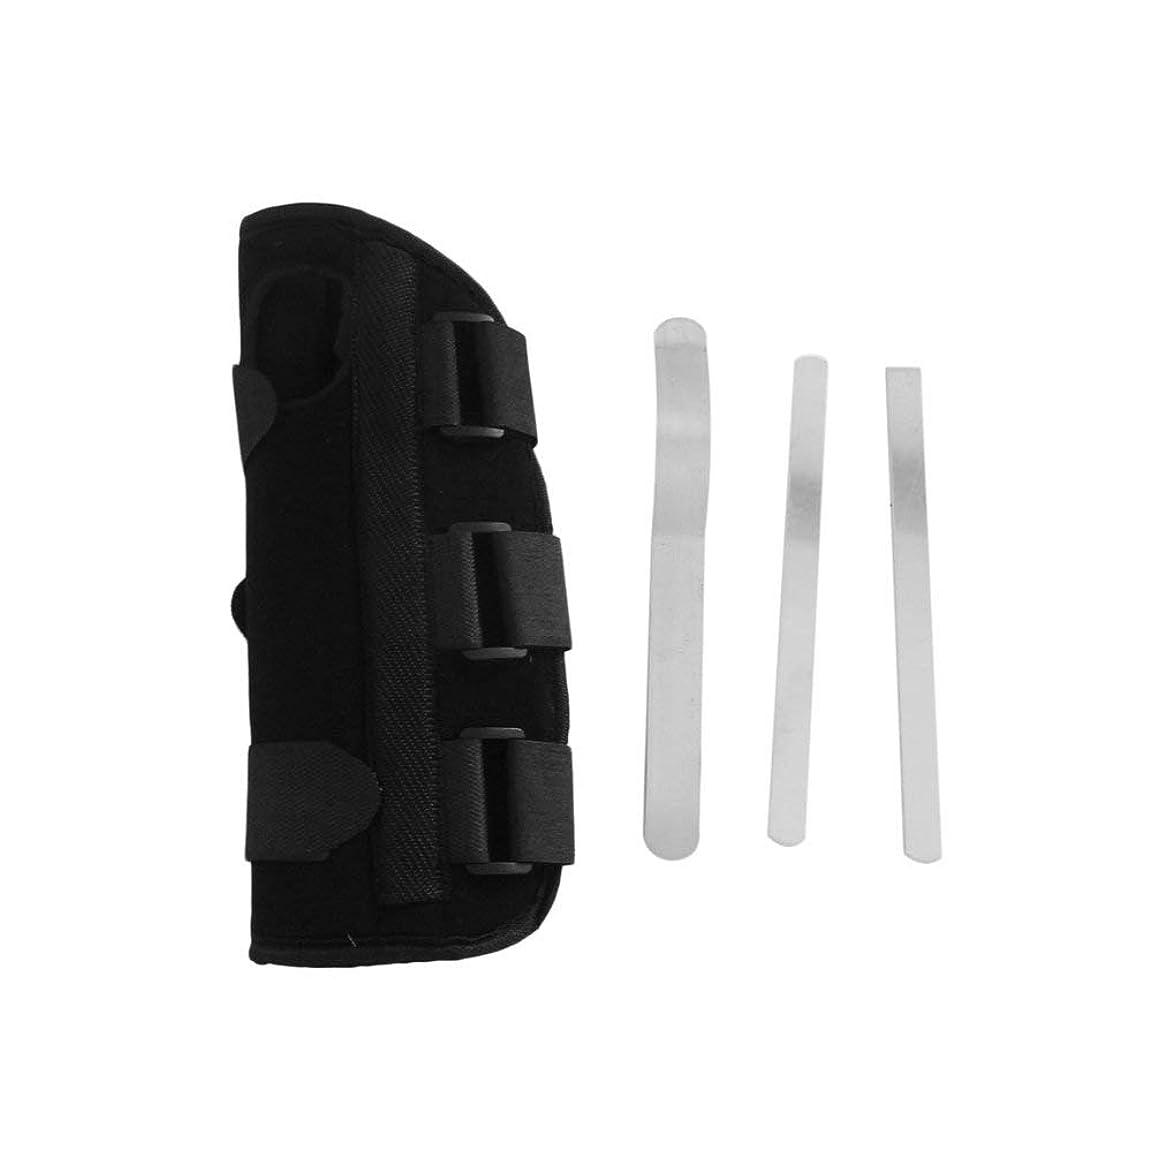 不完全な簡単に危険にさらされている手首副木ブレース保護サポートストラップカルペルトンネルCTS RSI痛み軽減取り外し可能な副木快適な軽量ストラップ - ブラックS